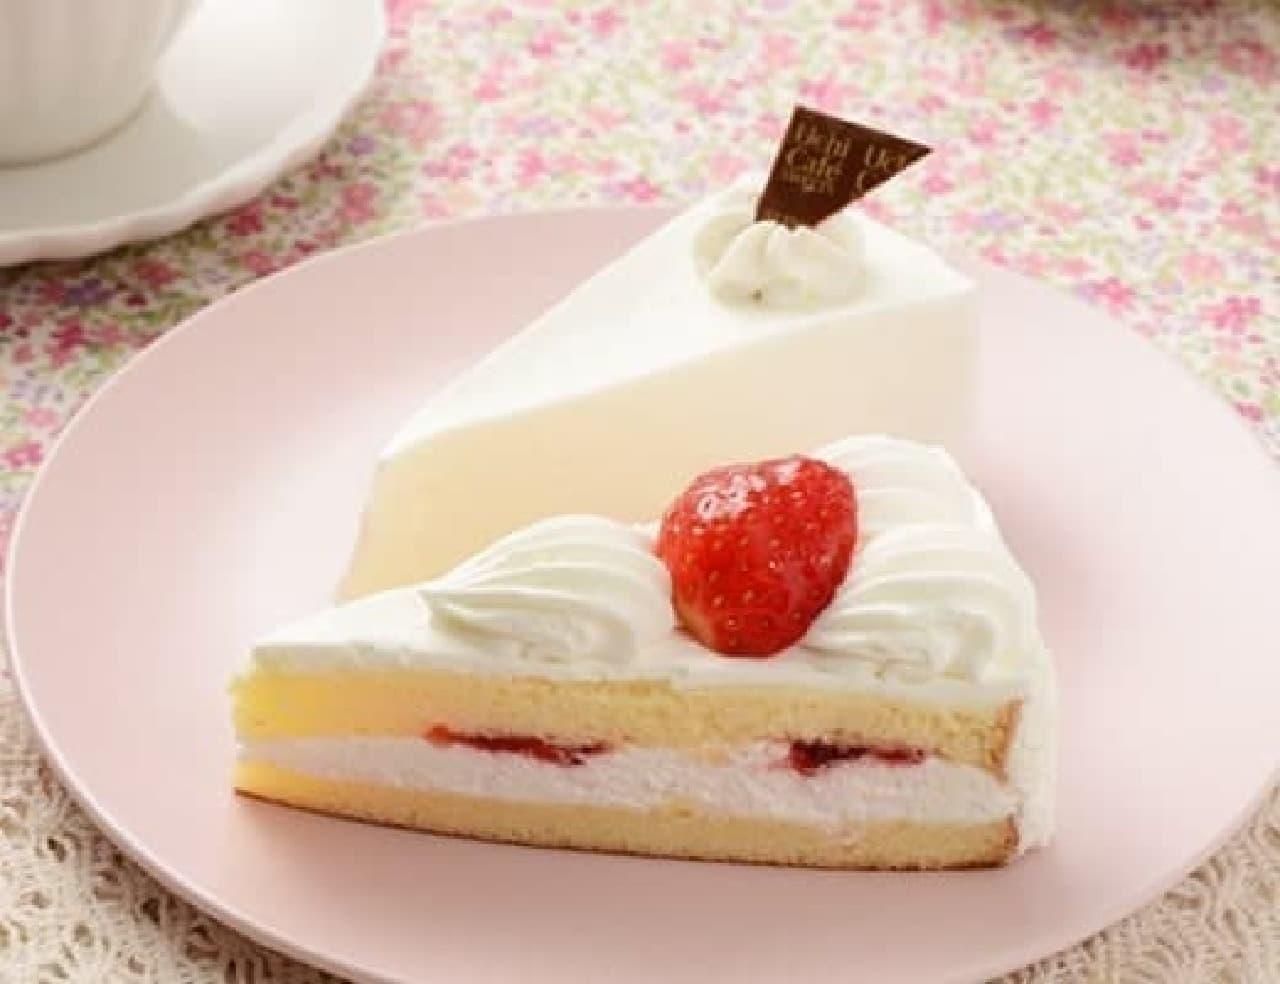 ローソン「苺のショートケーキ&レアチーズケーキ」